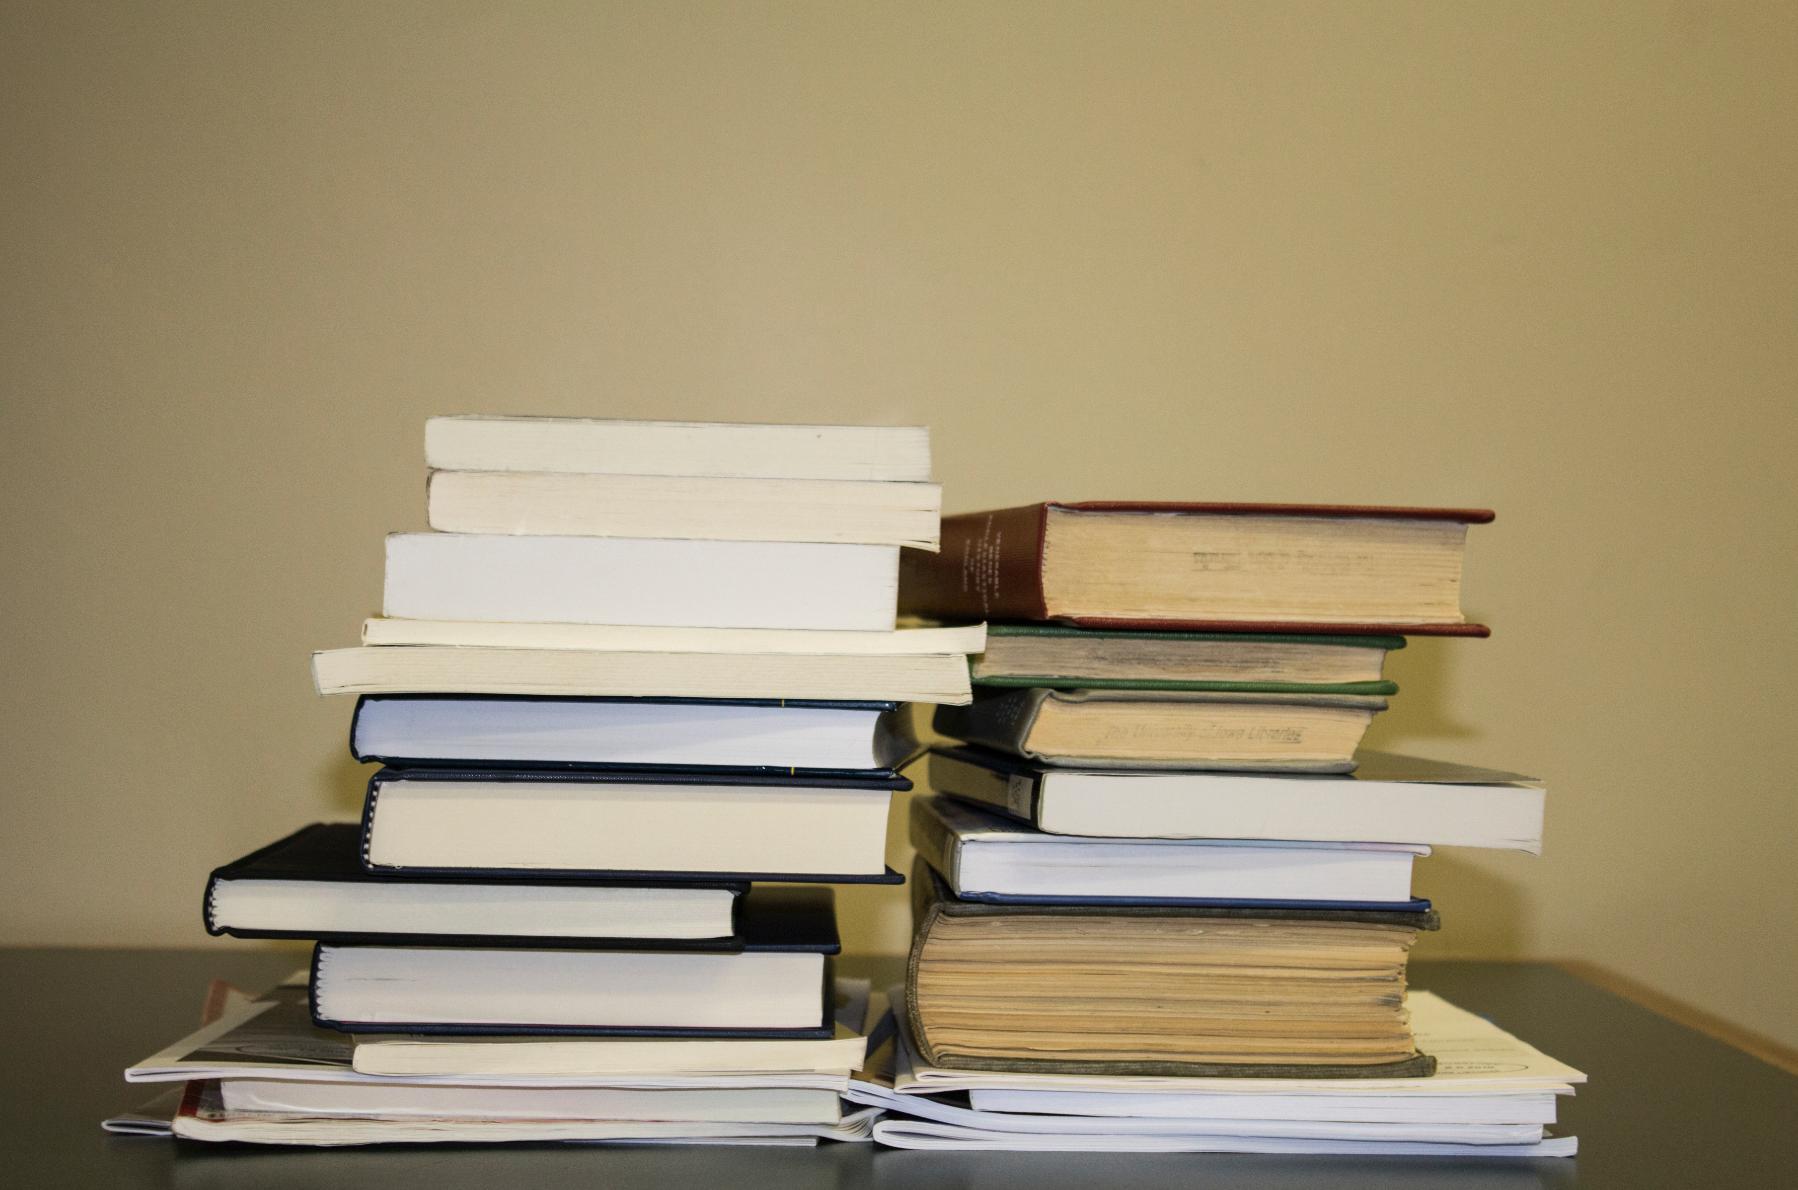 Iowa City thinking literary, gearing up for RAGBRAI